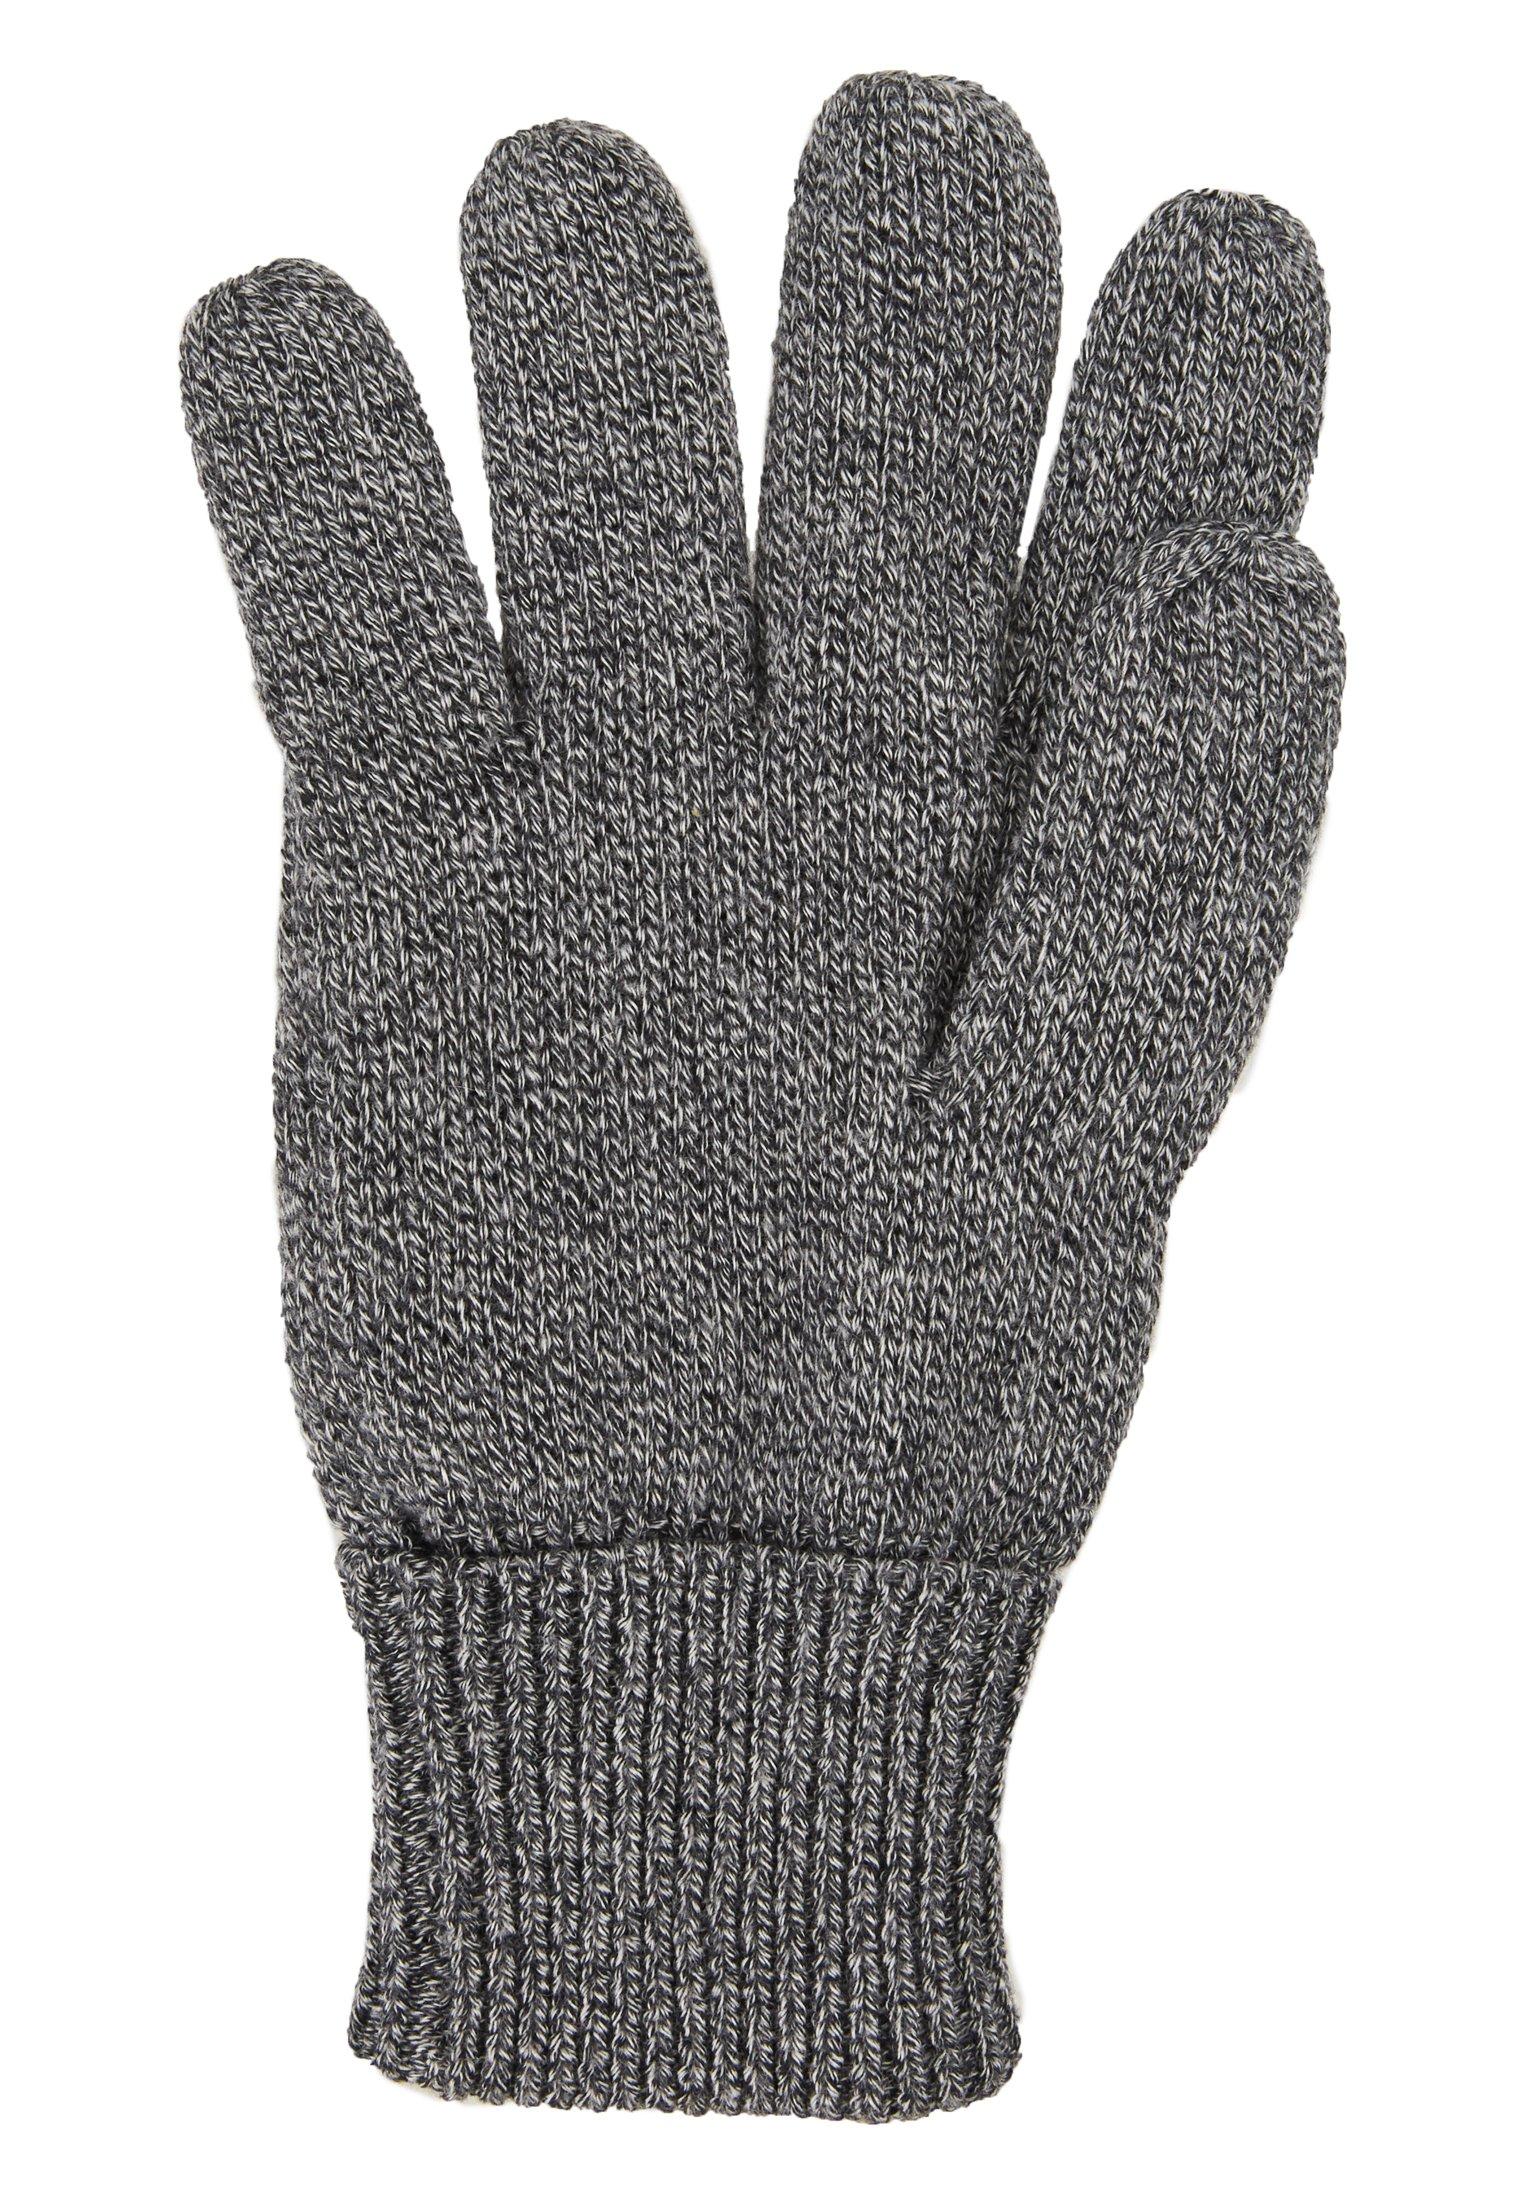 Men ORANGE LABEL GLOVE - Gloves